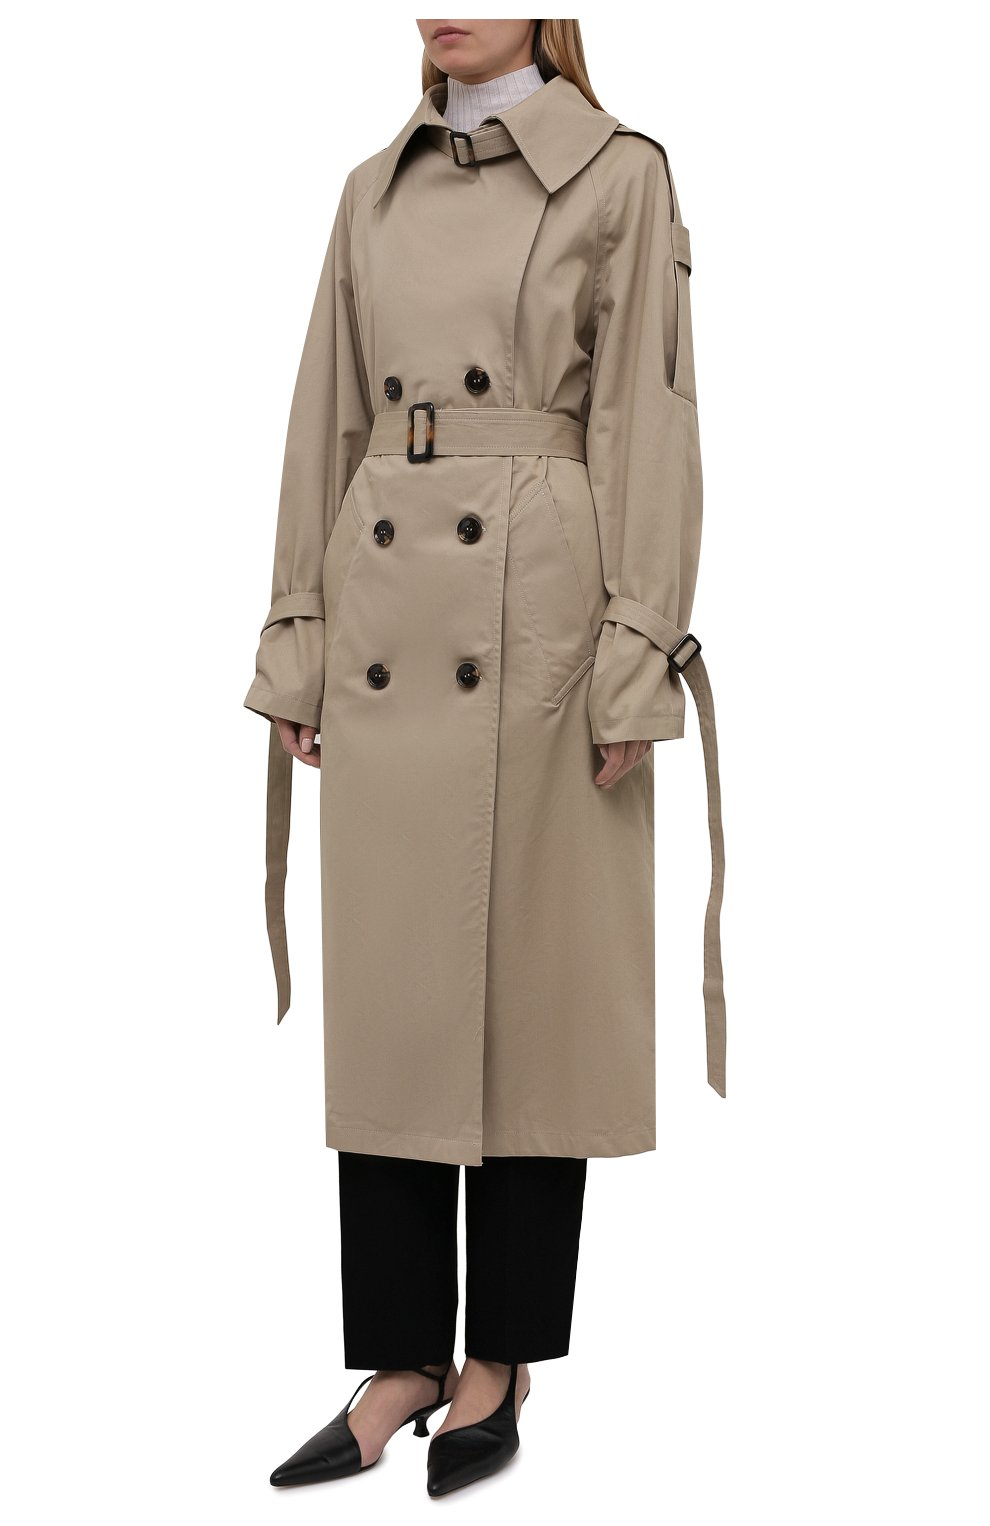 Женский хлопковый тренч 404 NOT FOUND | бежевого цвета, арт. 801603 | Фото 3 (Рукава: Длинные; Материал внешний: Хлопок; Длина (верхняя одежда): Длинные; Стили: Кэжуэл)